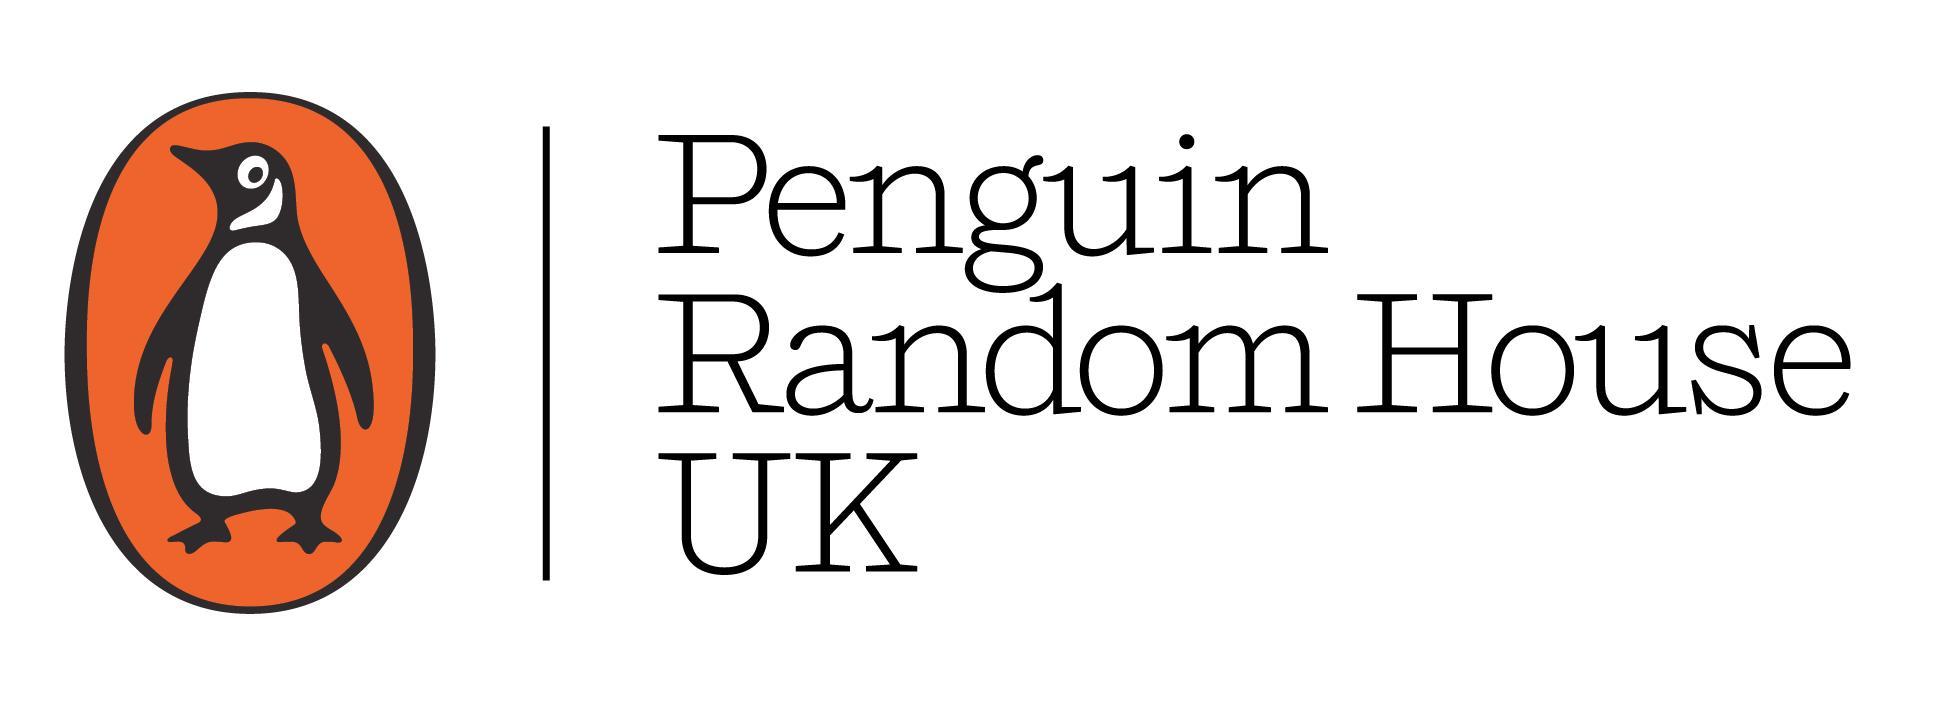 Penguin-Random-House-UK-logo.jpg